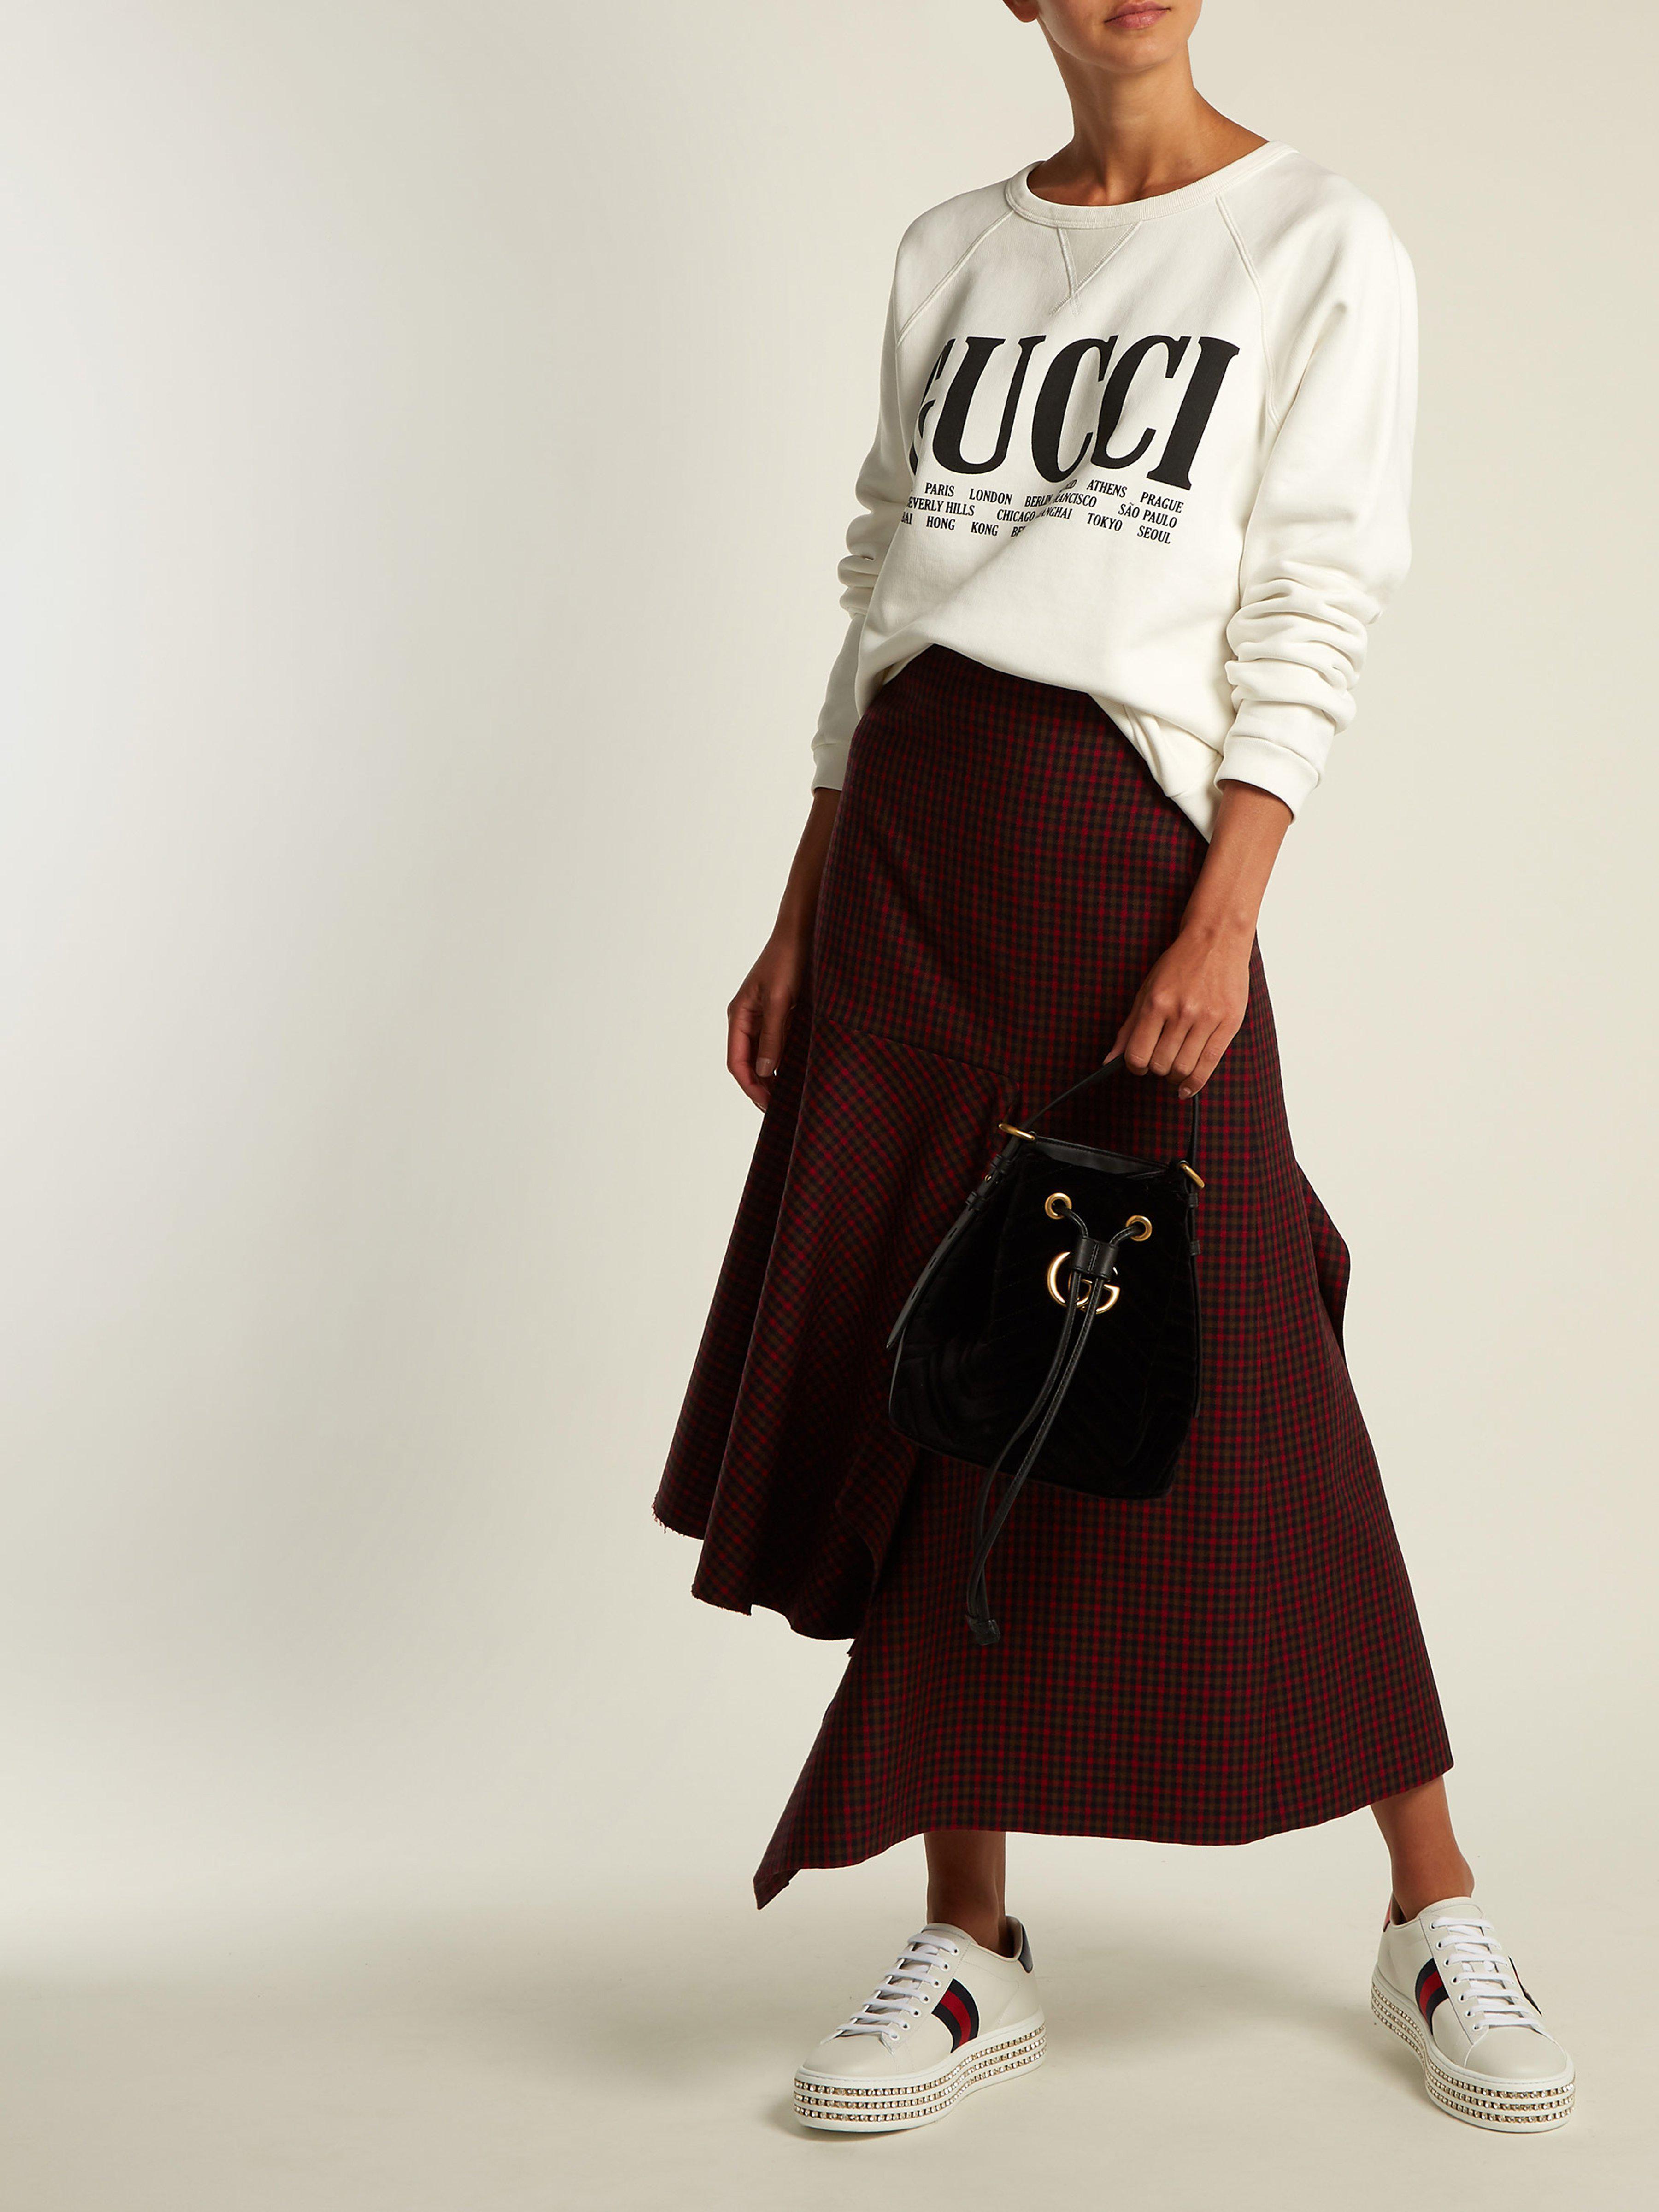 dcf2ed2342b0 Gucci Gg Marmont Velvet Bucket Bag in Black - Lyst